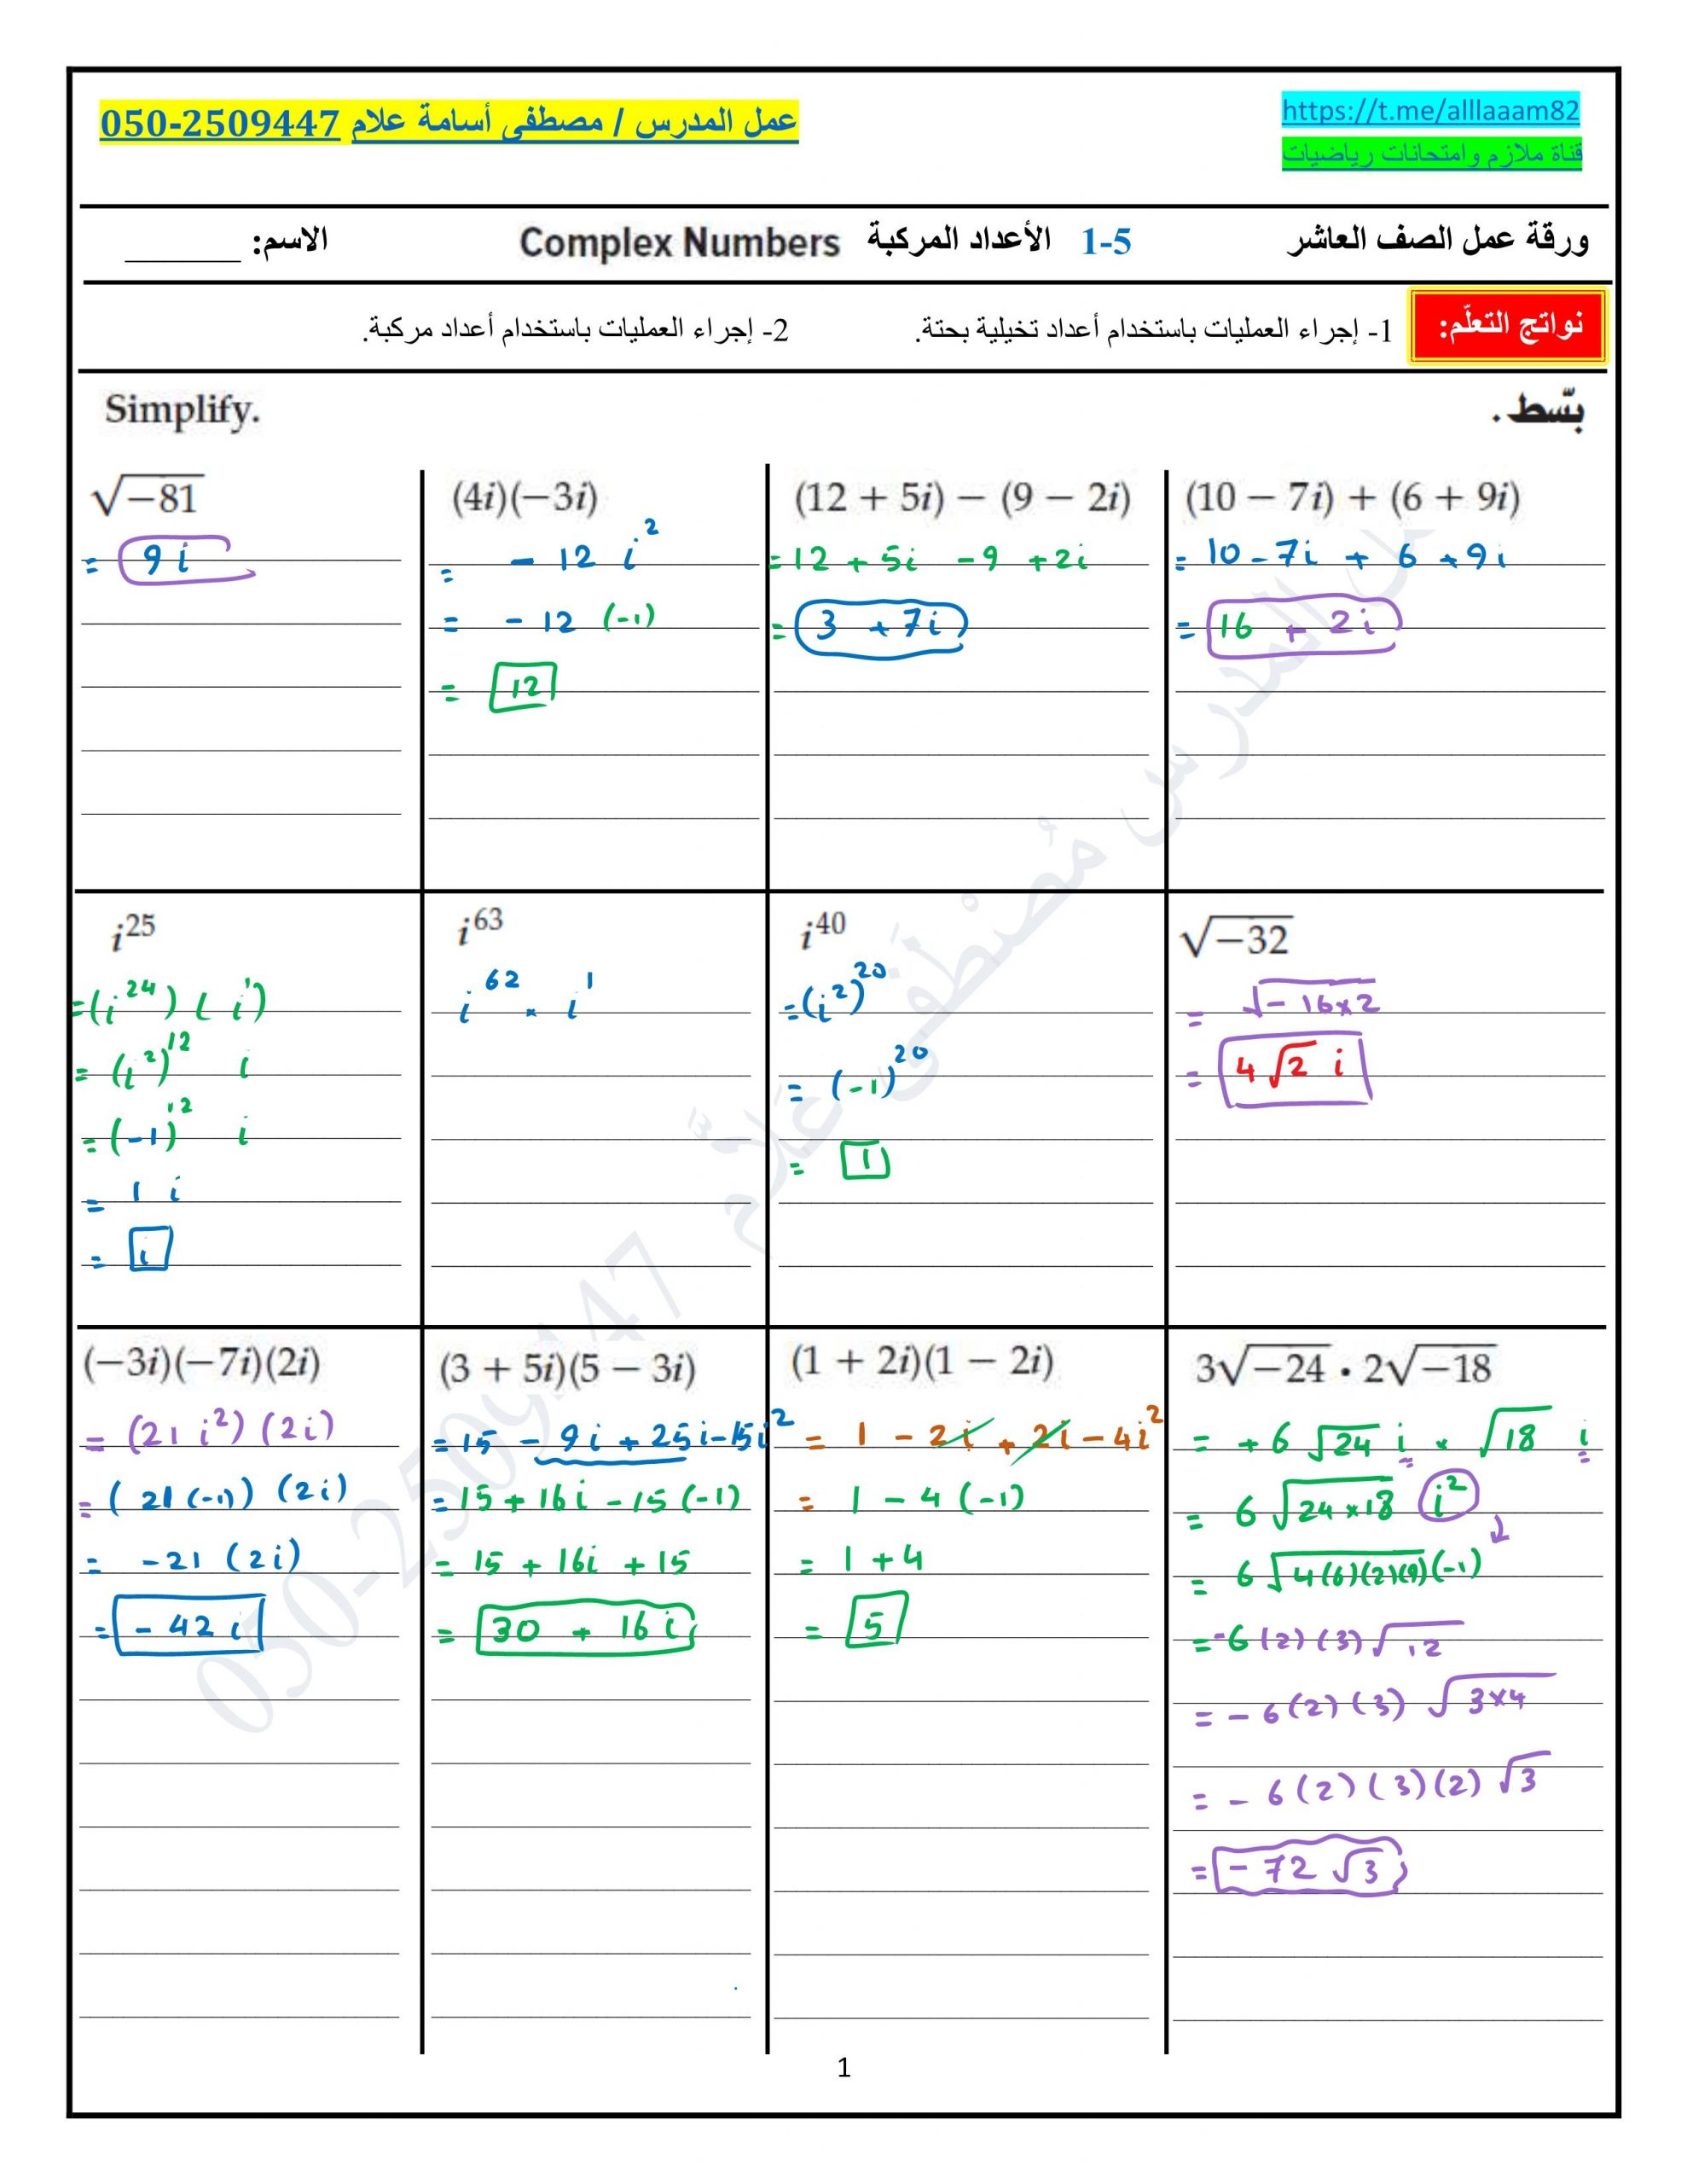 ورقة عمل الأعداد المركبة مع الاجابات للصف العاشر مادة الرياضيات المتكاملة